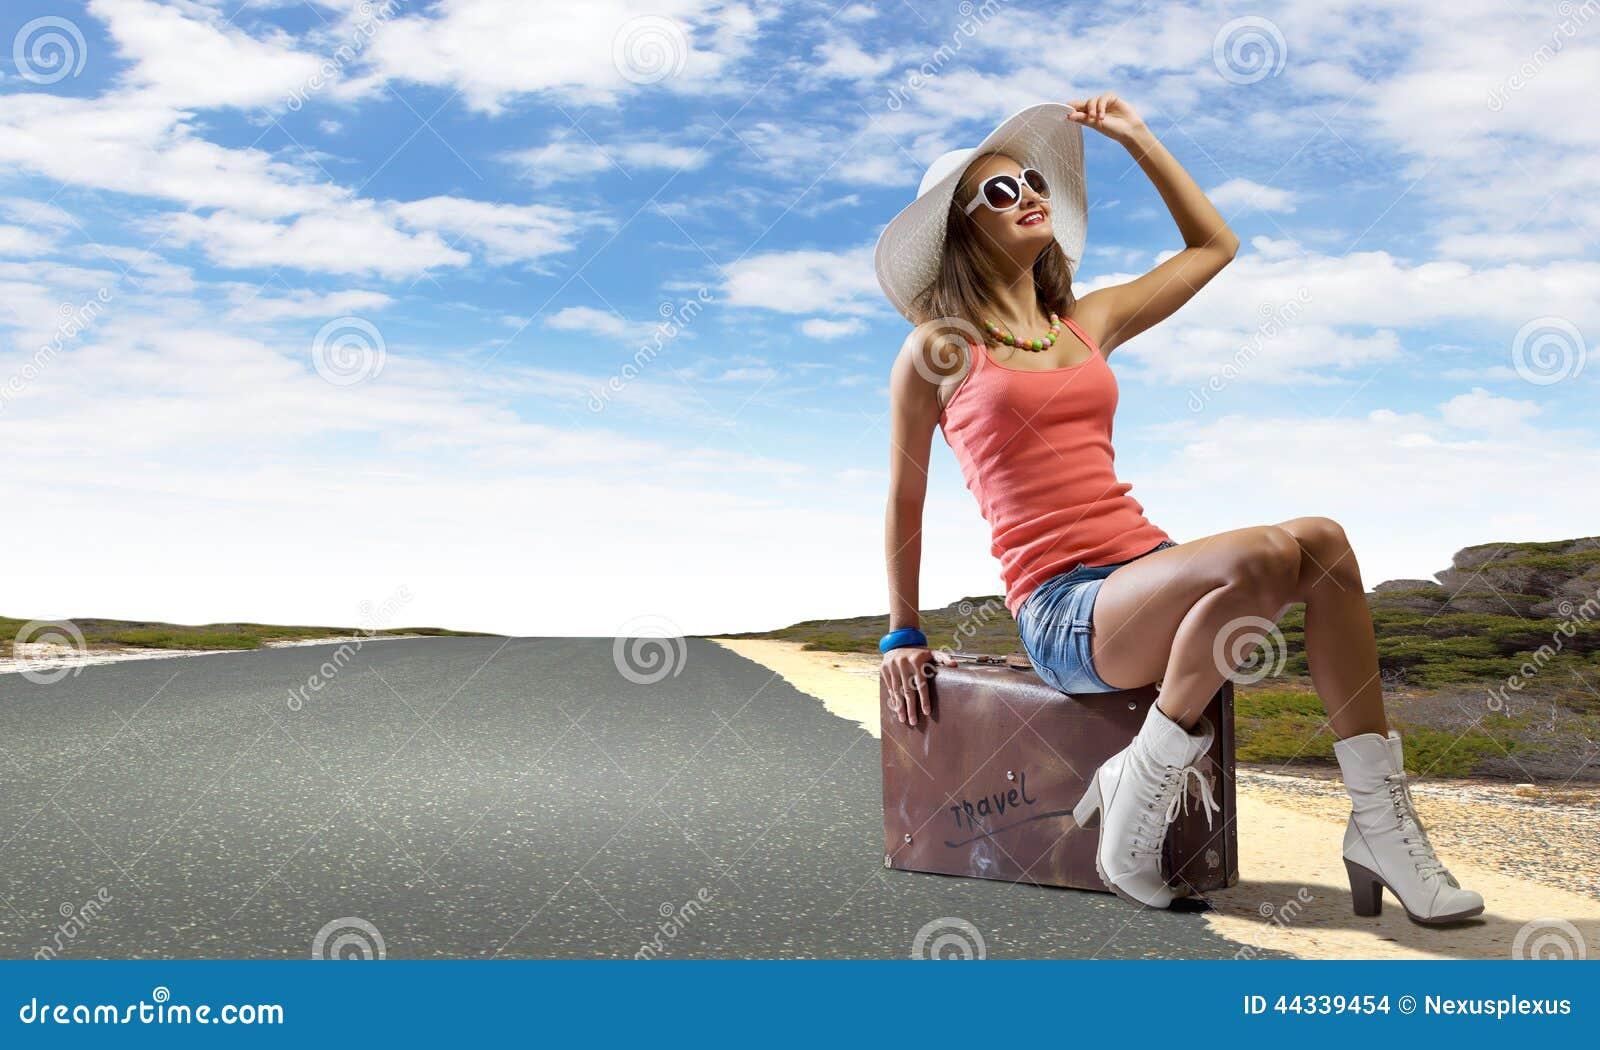 Полностью голая автостопом